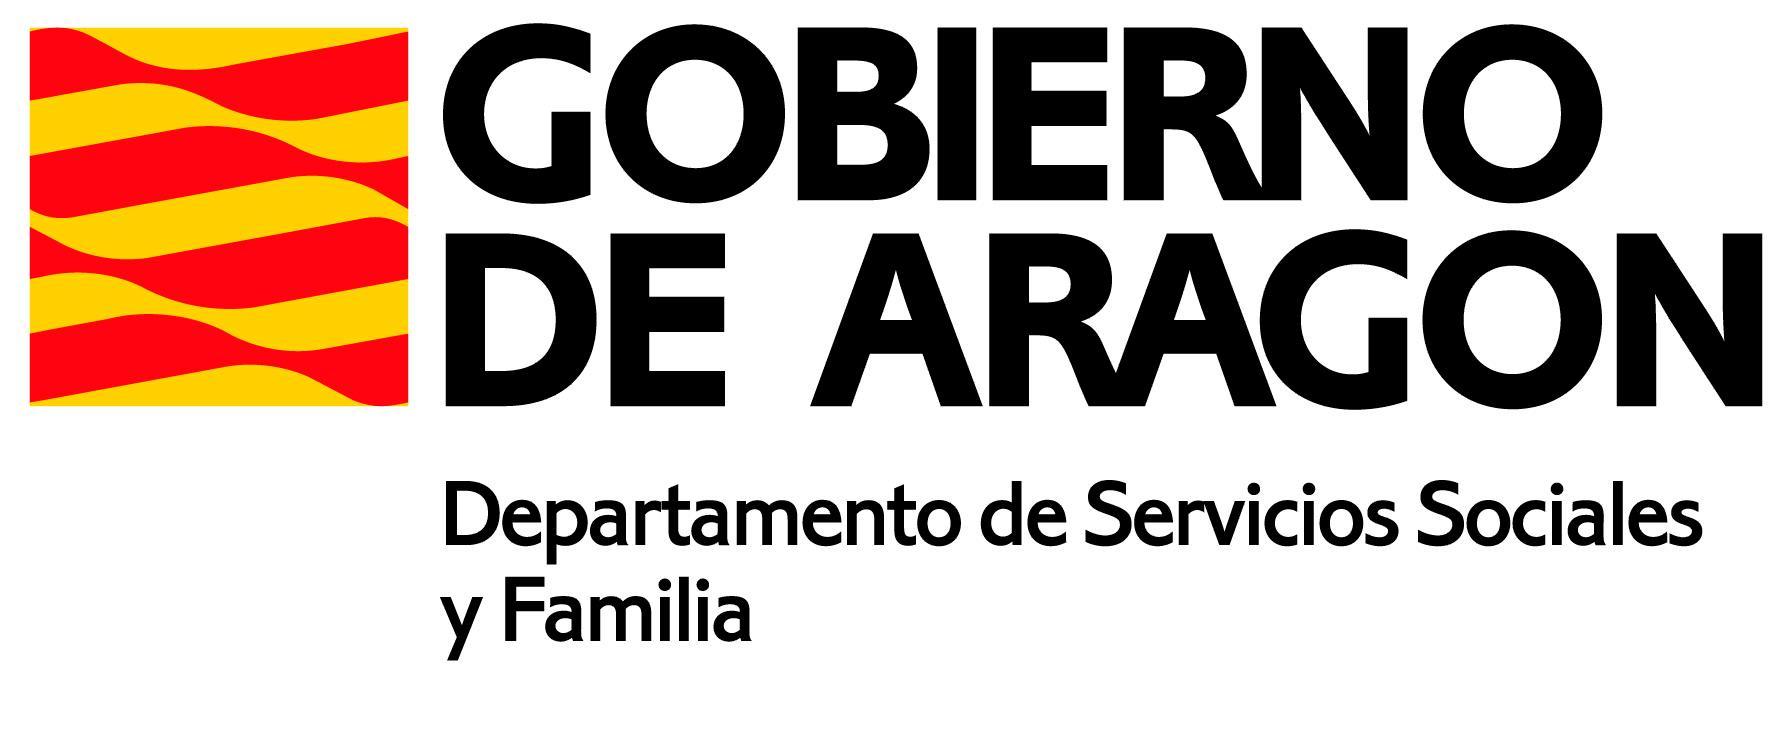 Gobierno_de_Aragón,_departamento_de_Servicios_Sociales_y_Familia